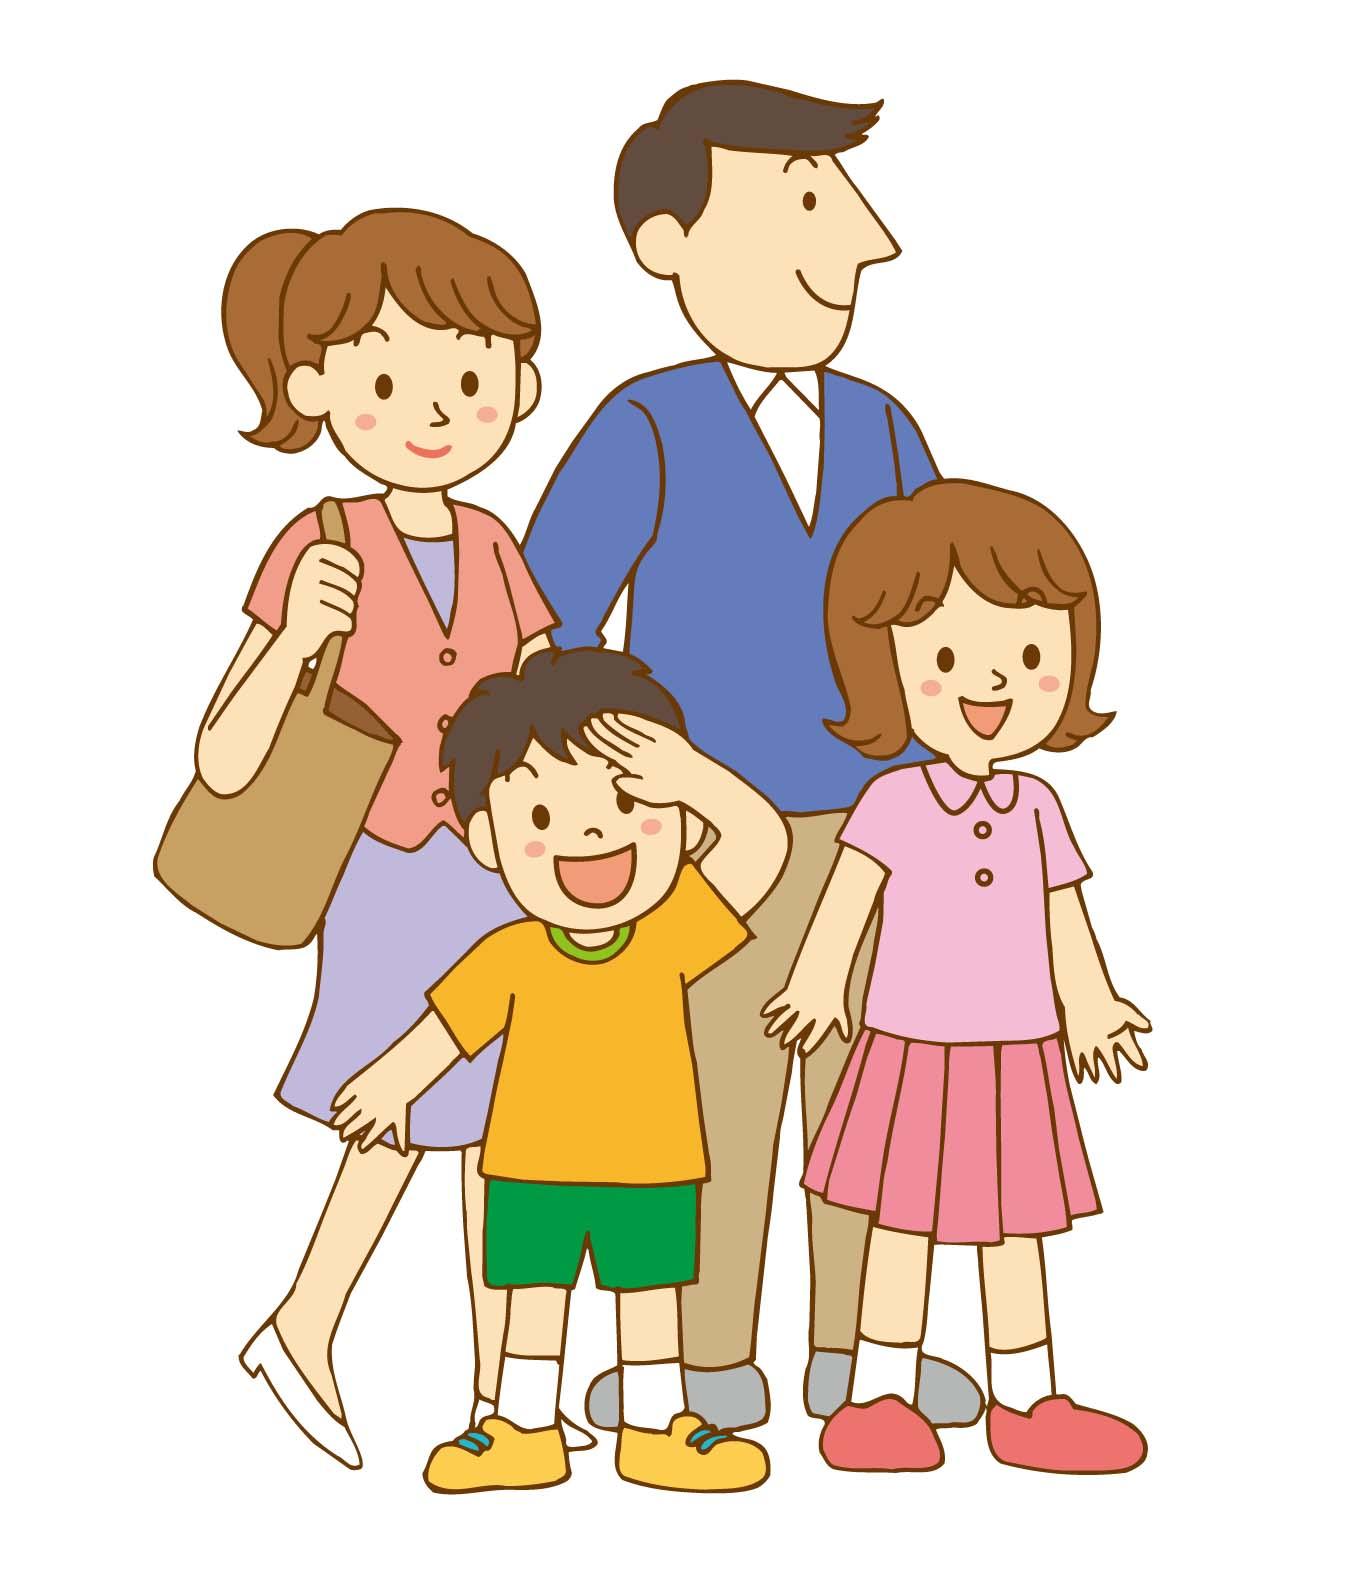 発達障害の育児には家族のペアレントトレーニングが必須